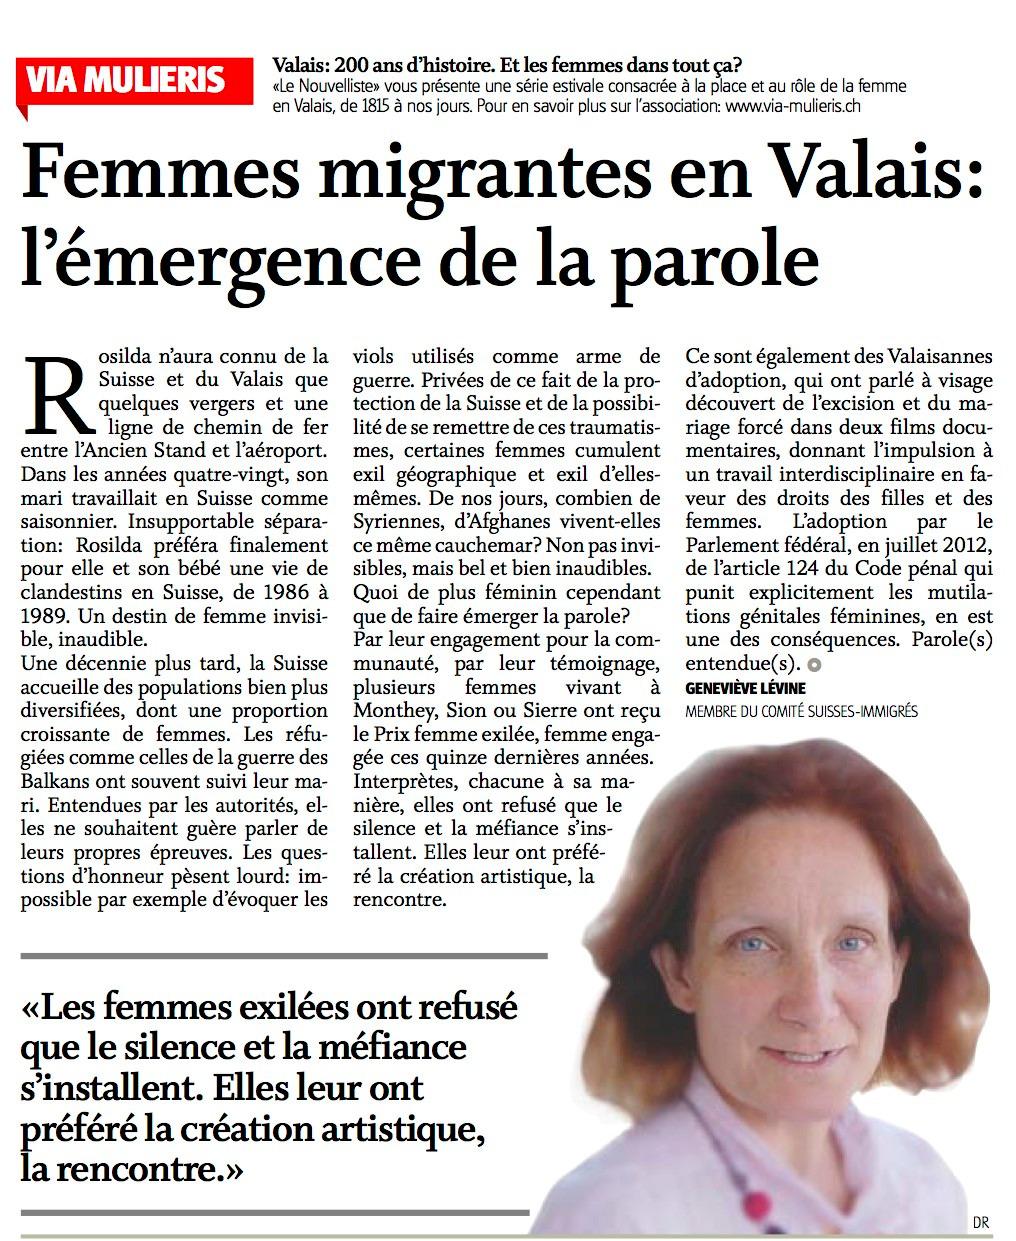 Femmes migrantes en Valais : l'émergence de la parole